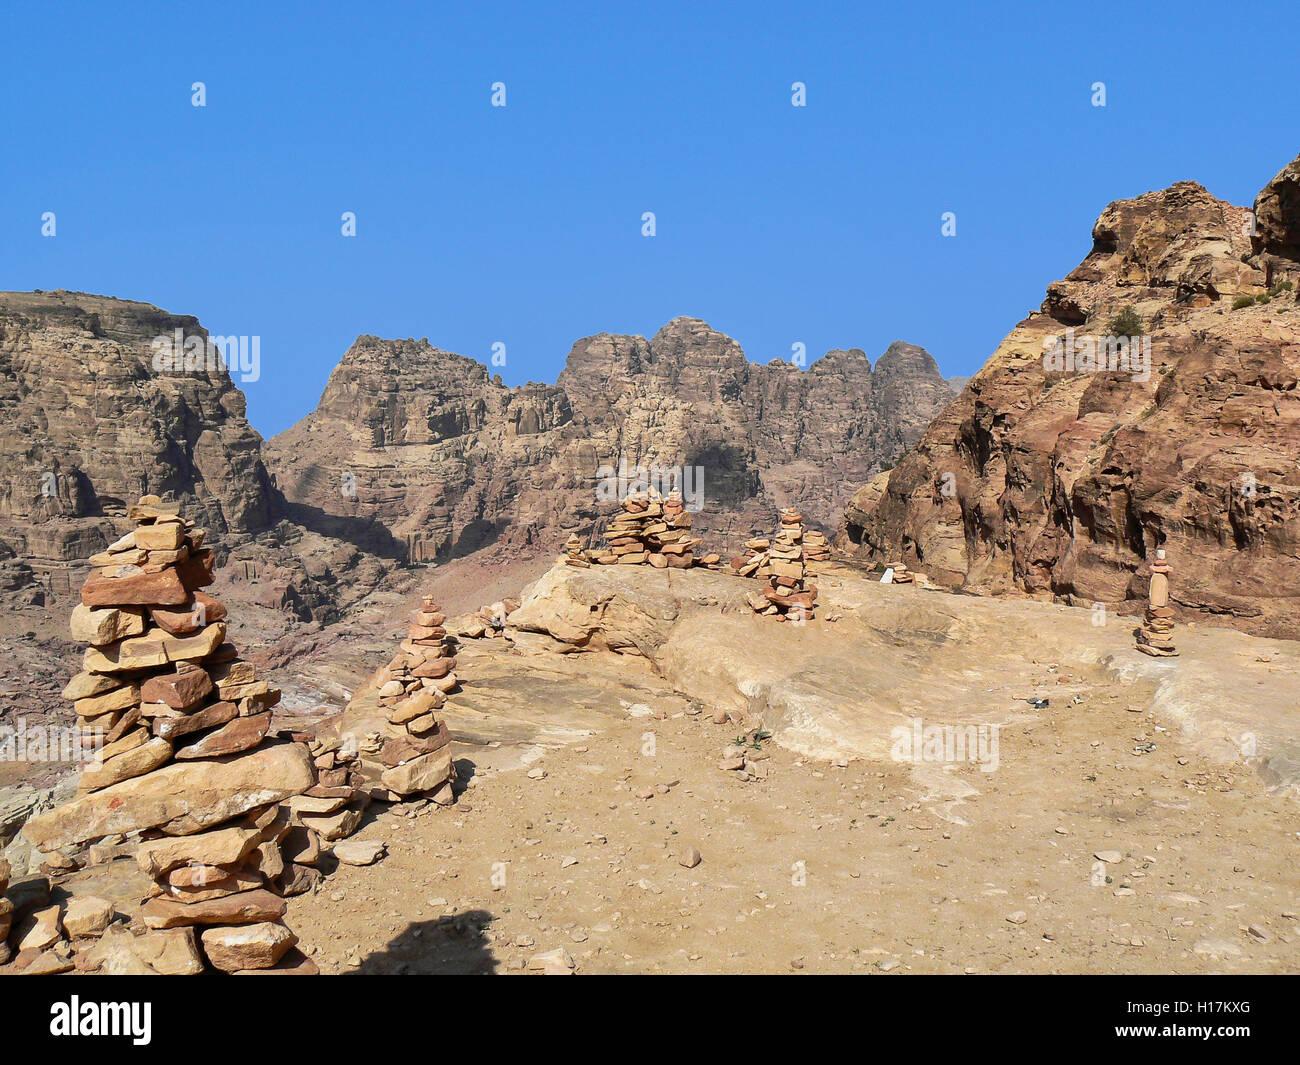 mountain landscape at Petra, Jordan - Stock Image